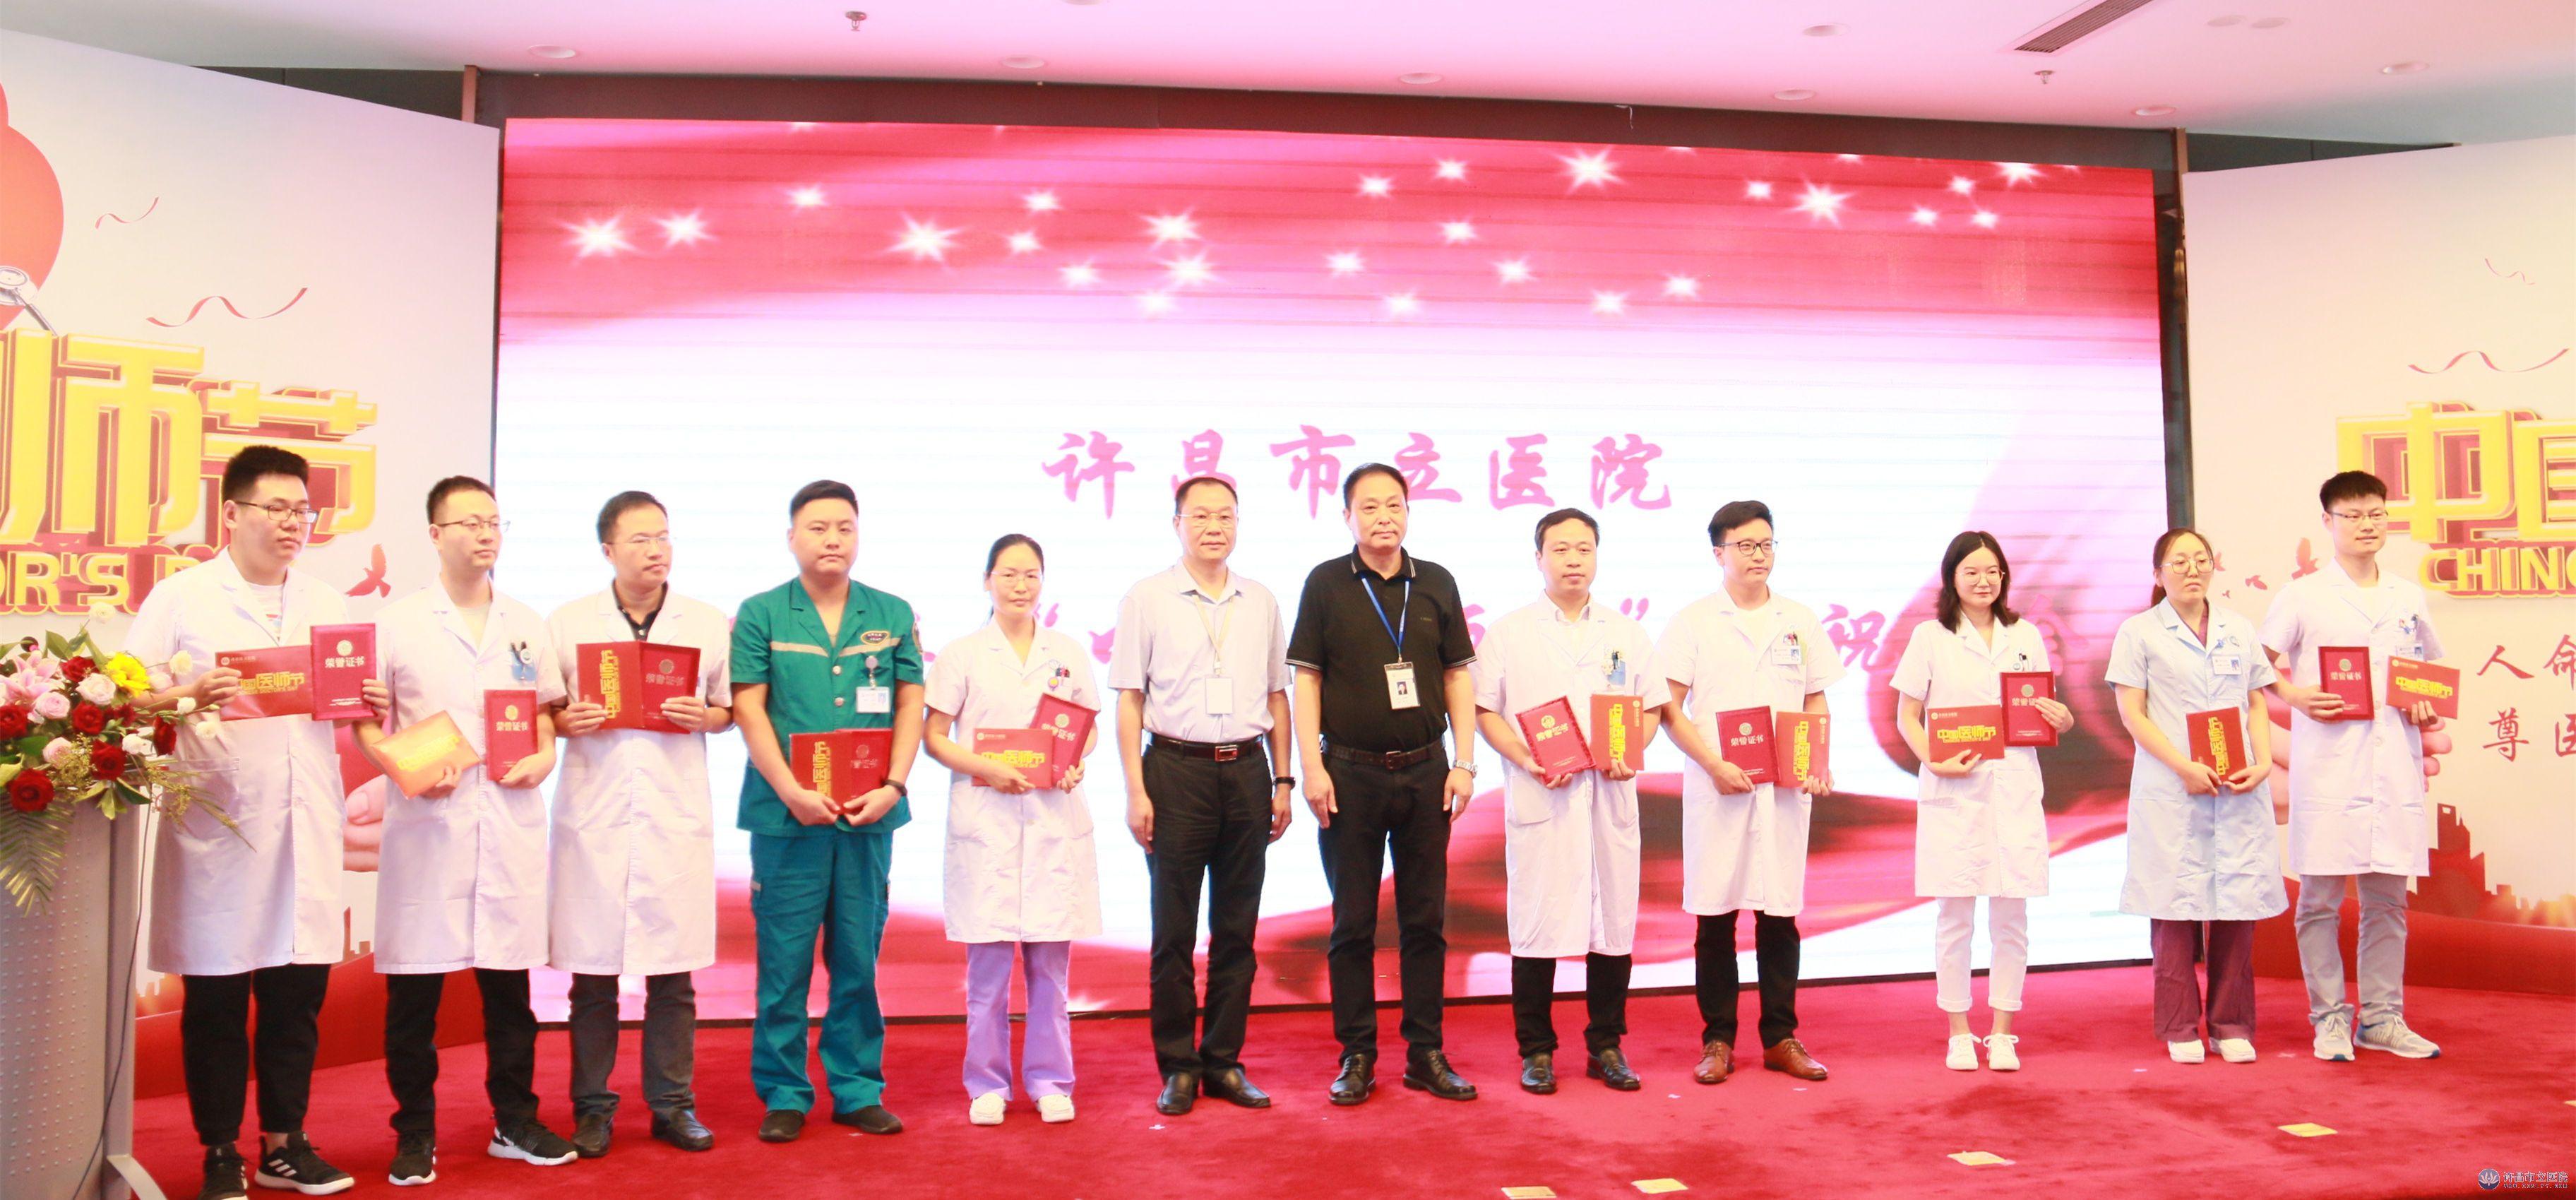 """许昌市立医院隆重举行2019年""""中国医师节""""庆祝大会"""